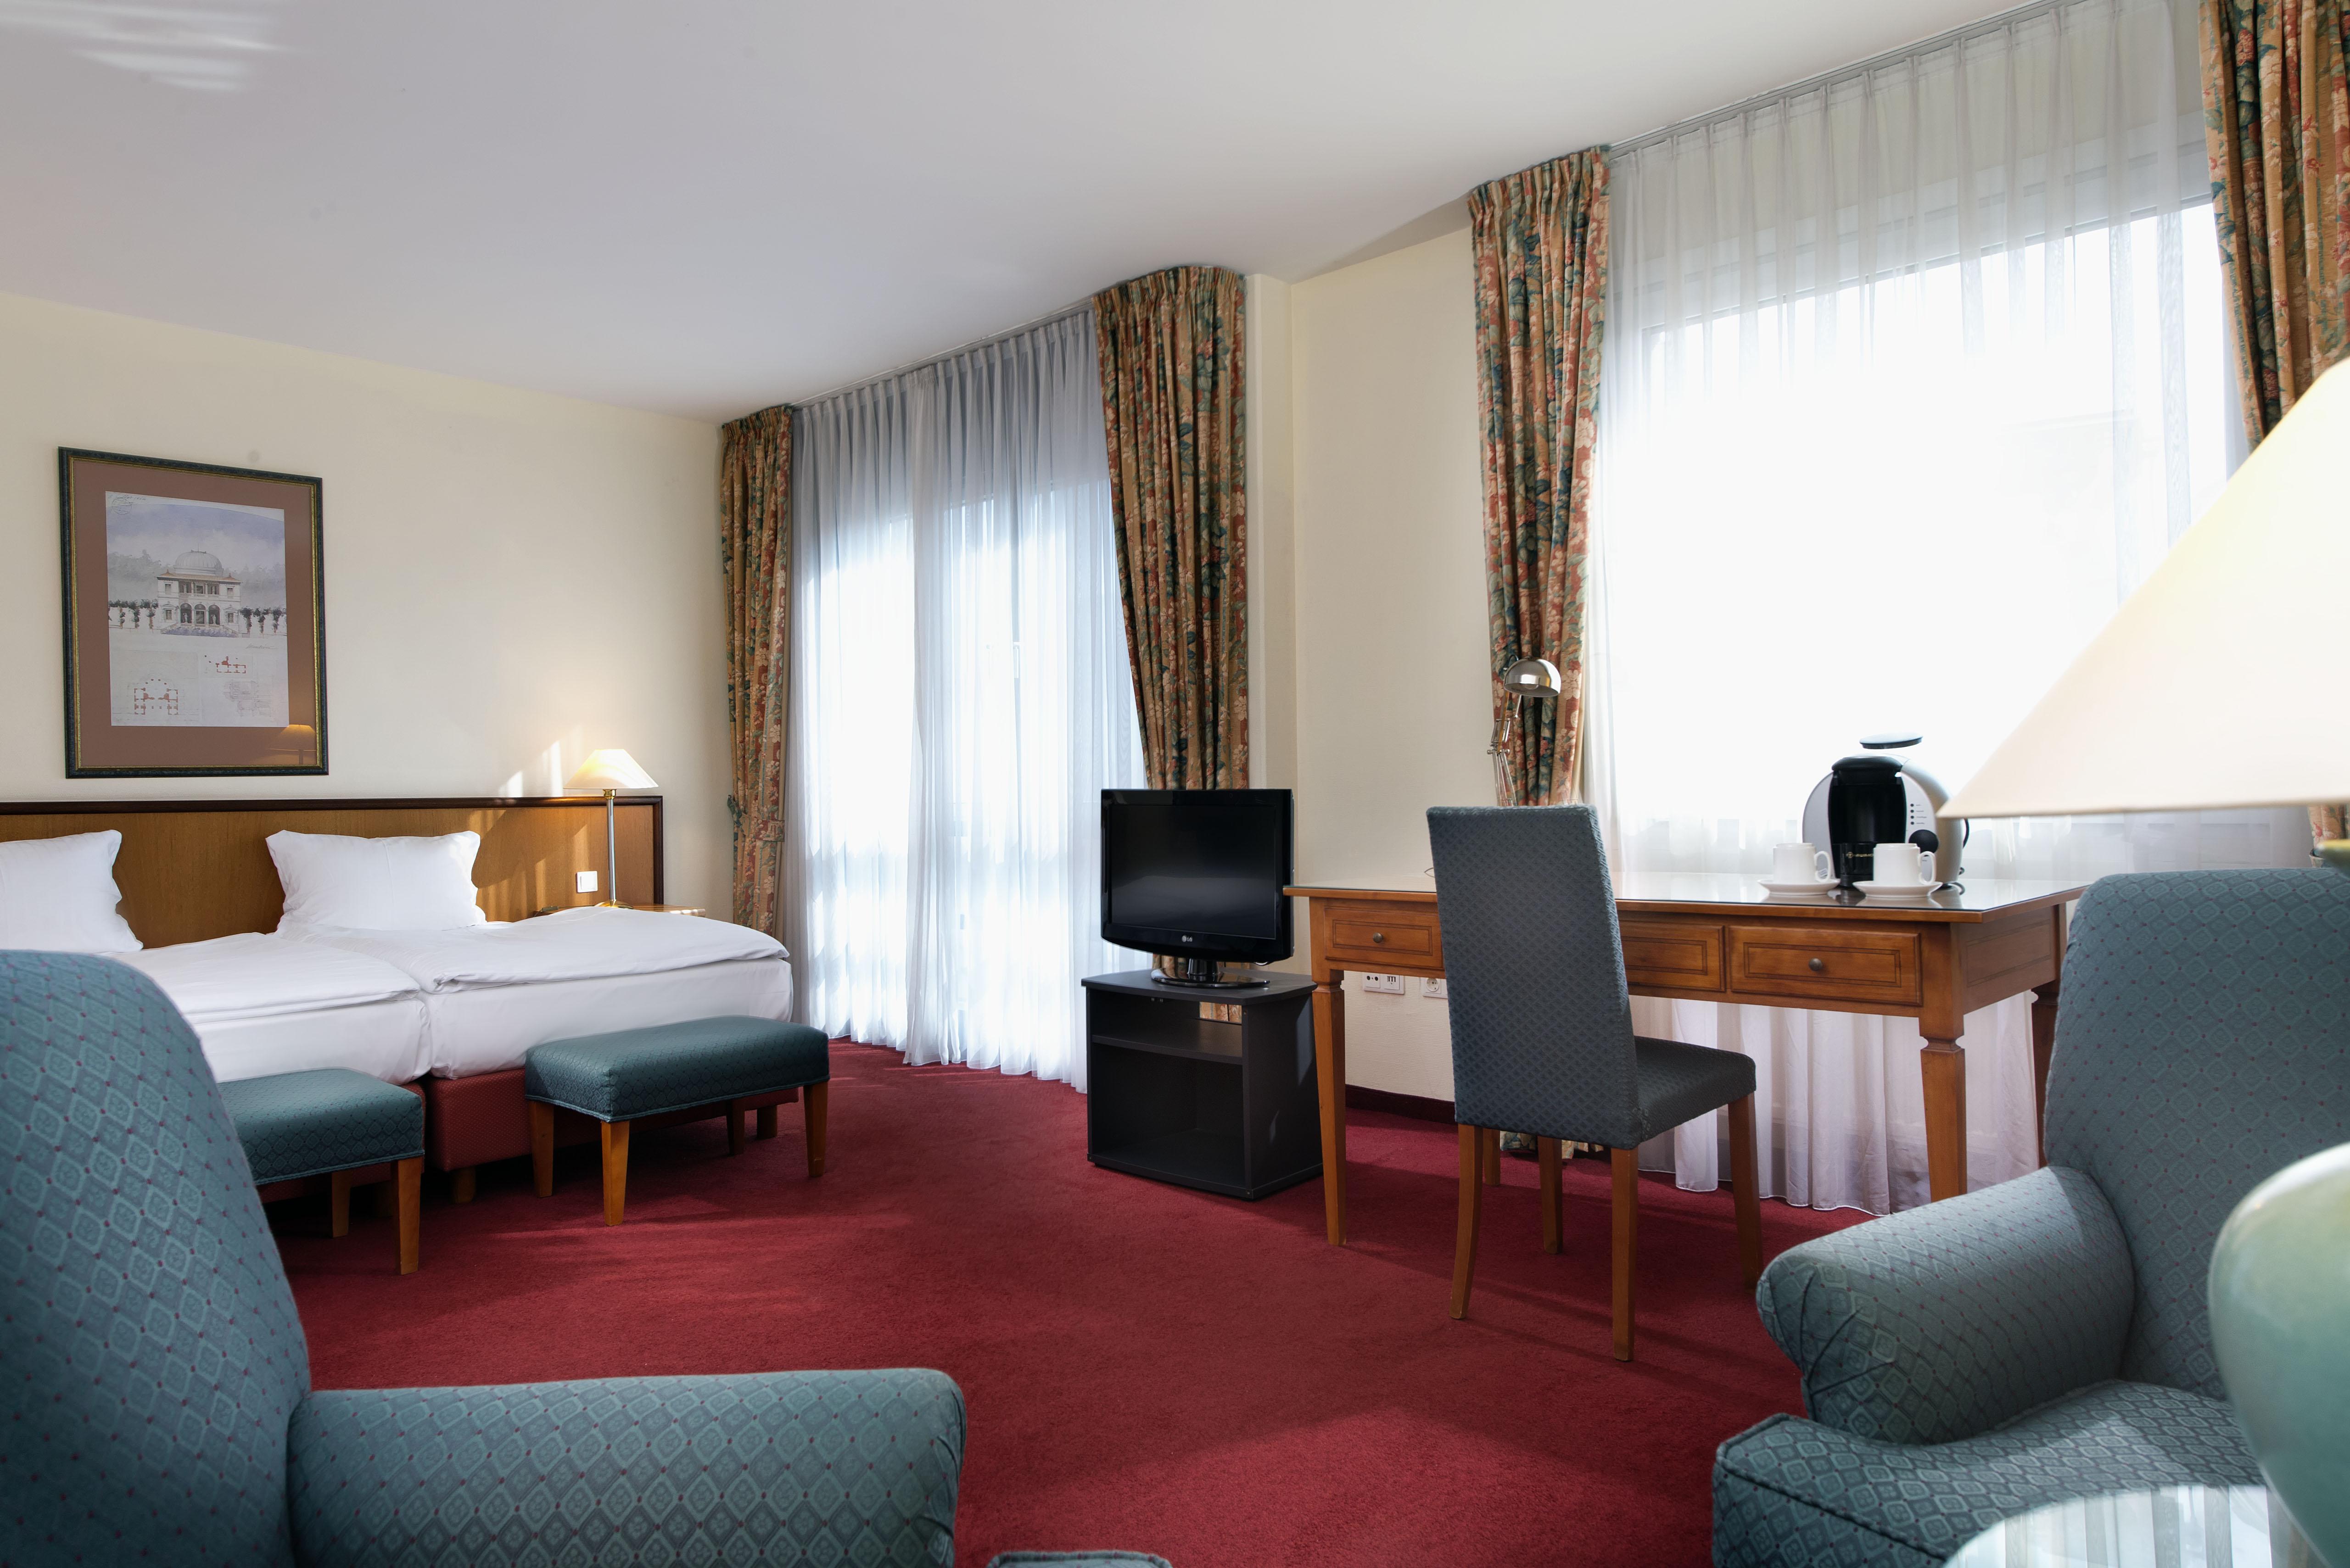 Hotelzimmer Hennigsdorf Berlin Hennigsdorf Hotels